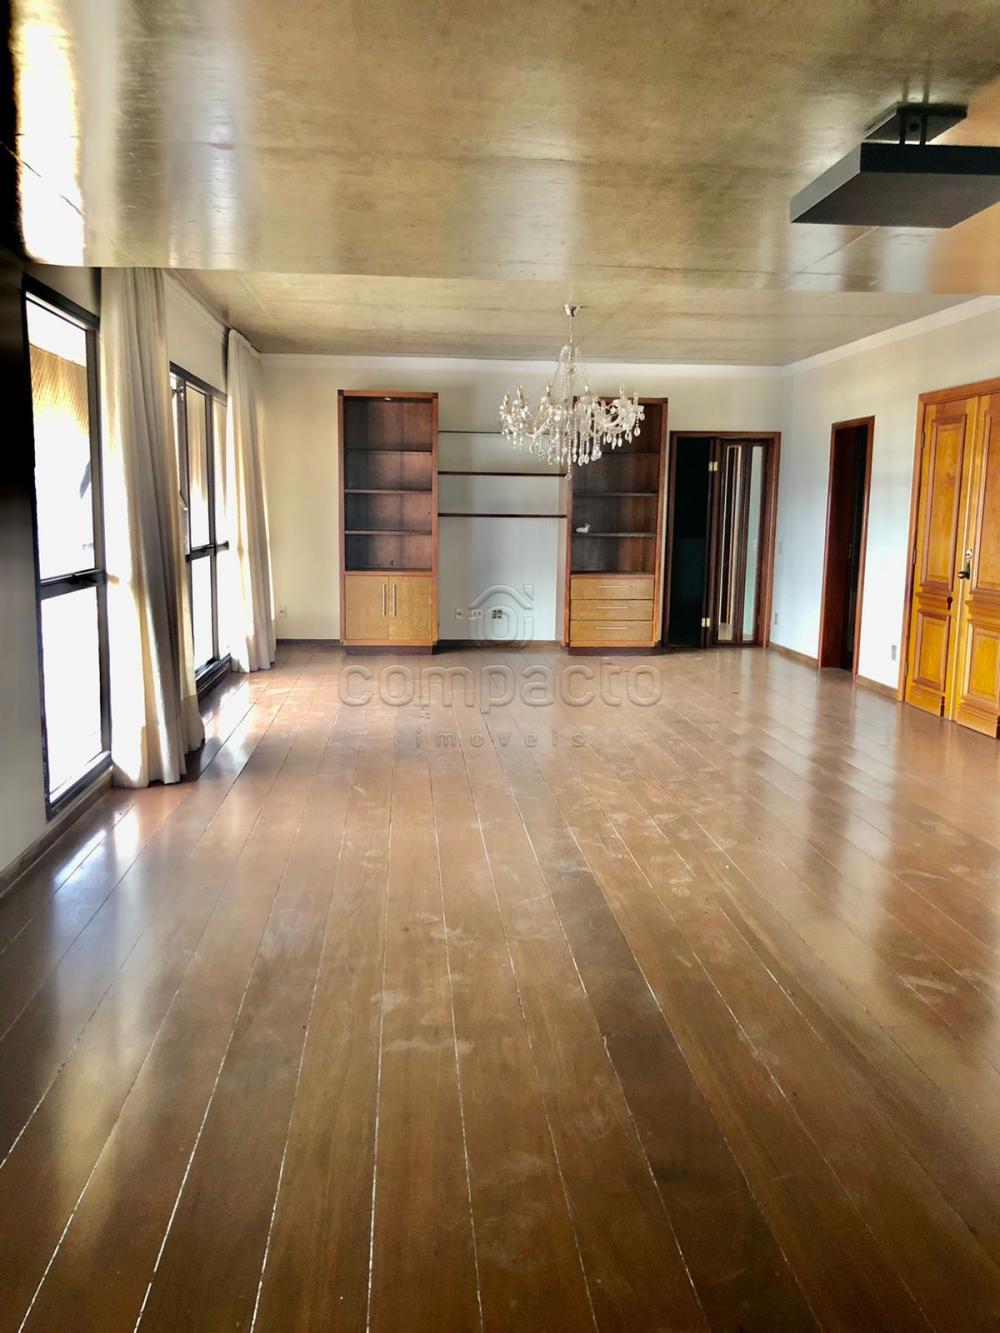 Alugar Apartamento / Padrão em São José do Rio Preto R$ 2.500,00 - Foto 2